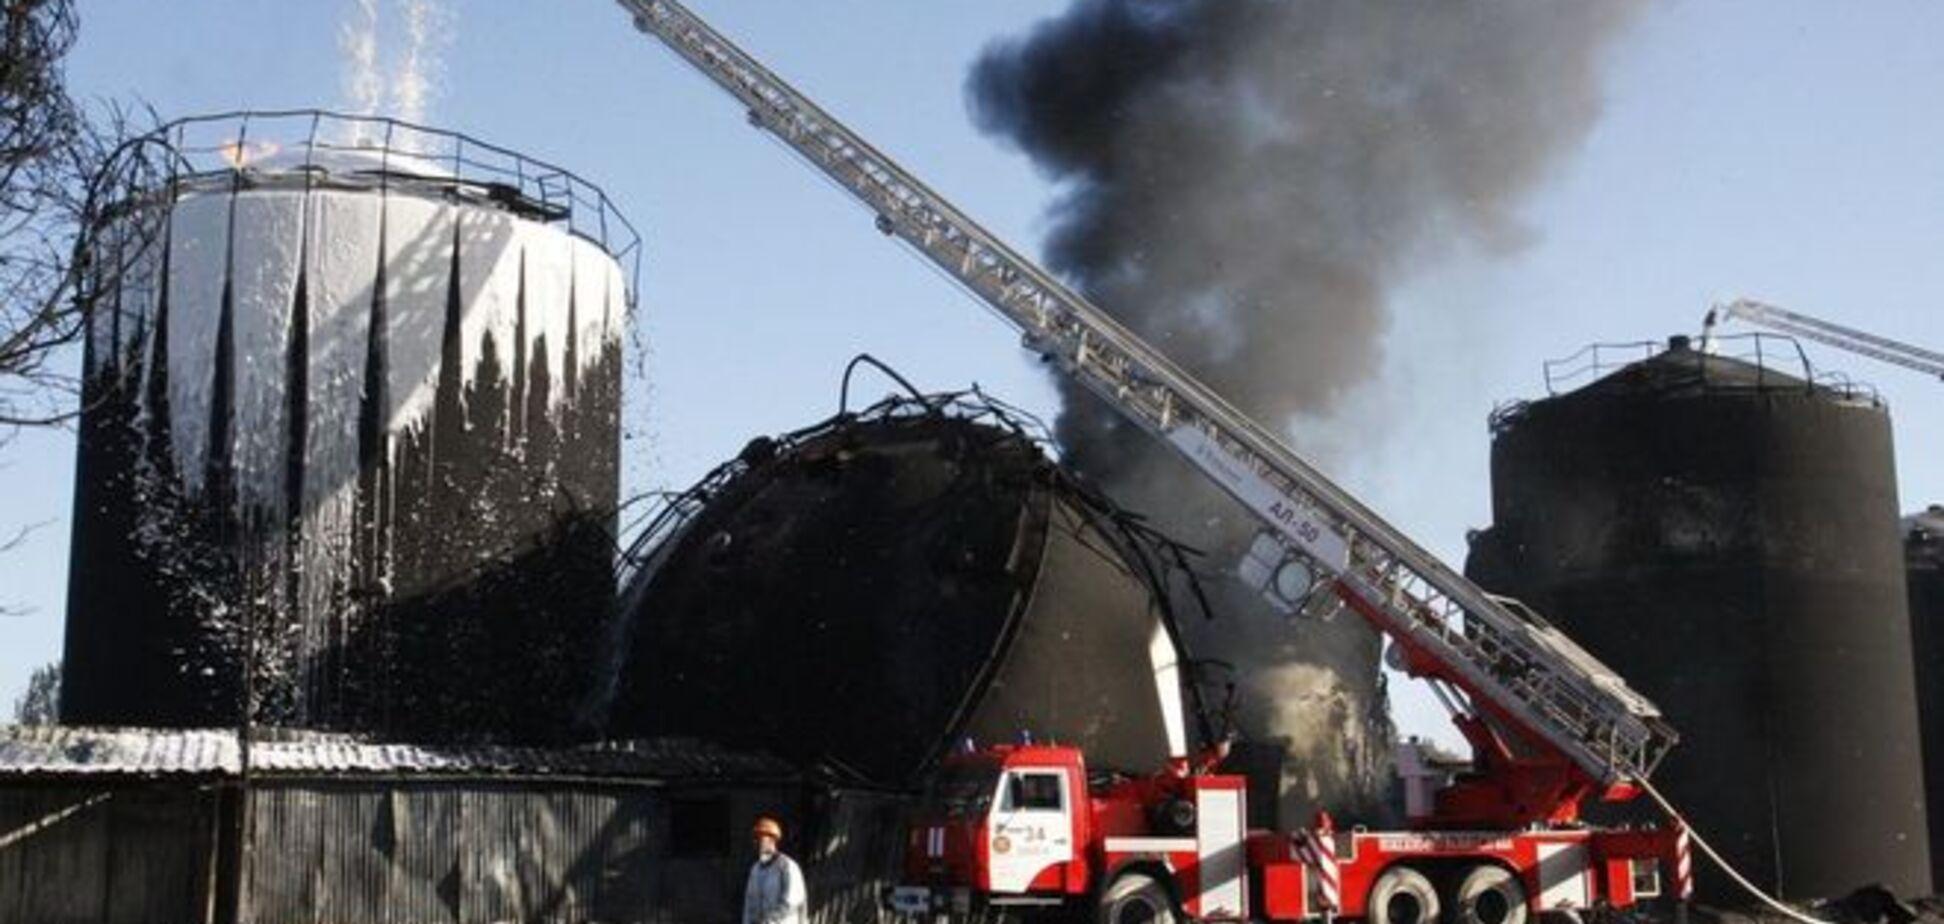 Пожар в Василькове: Соколовский рассказал, что могут скрывать власти